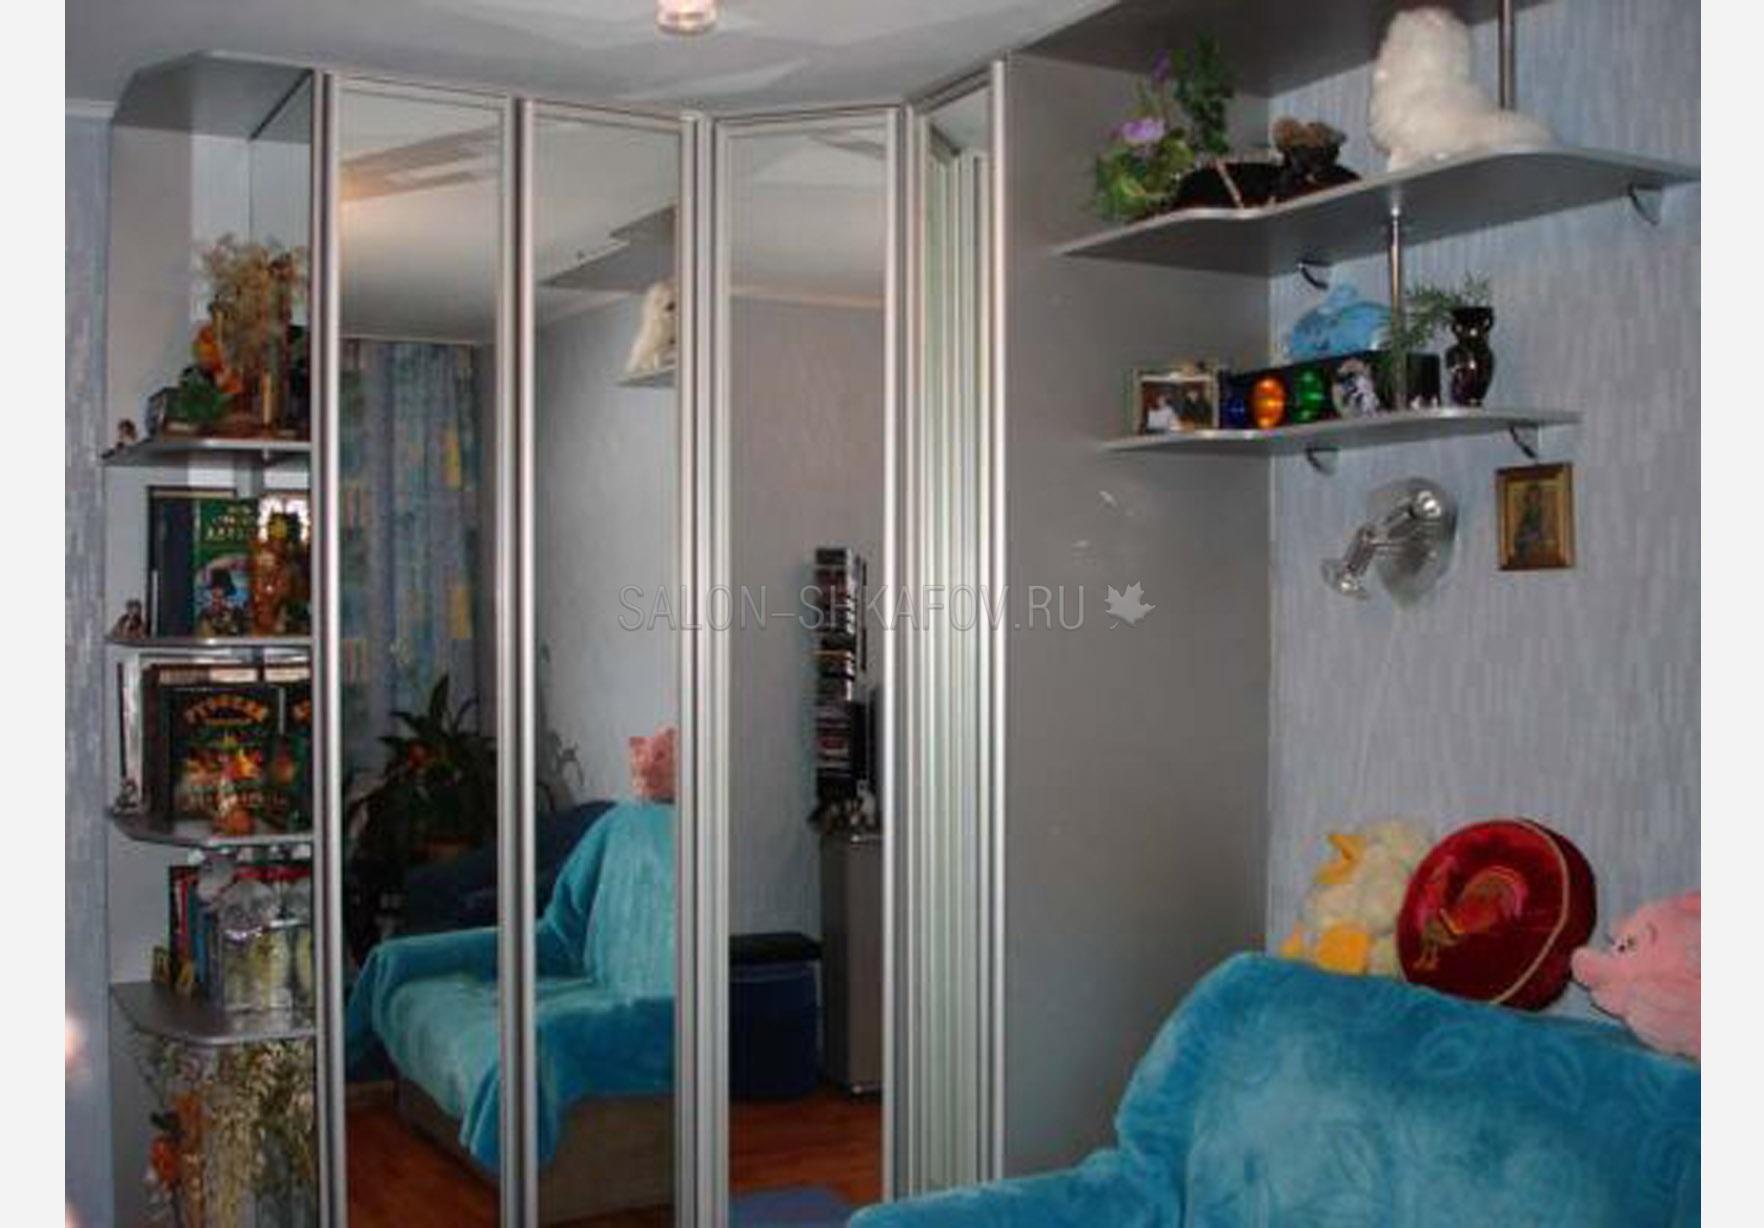 Угловой шкаф с распашными дверями.